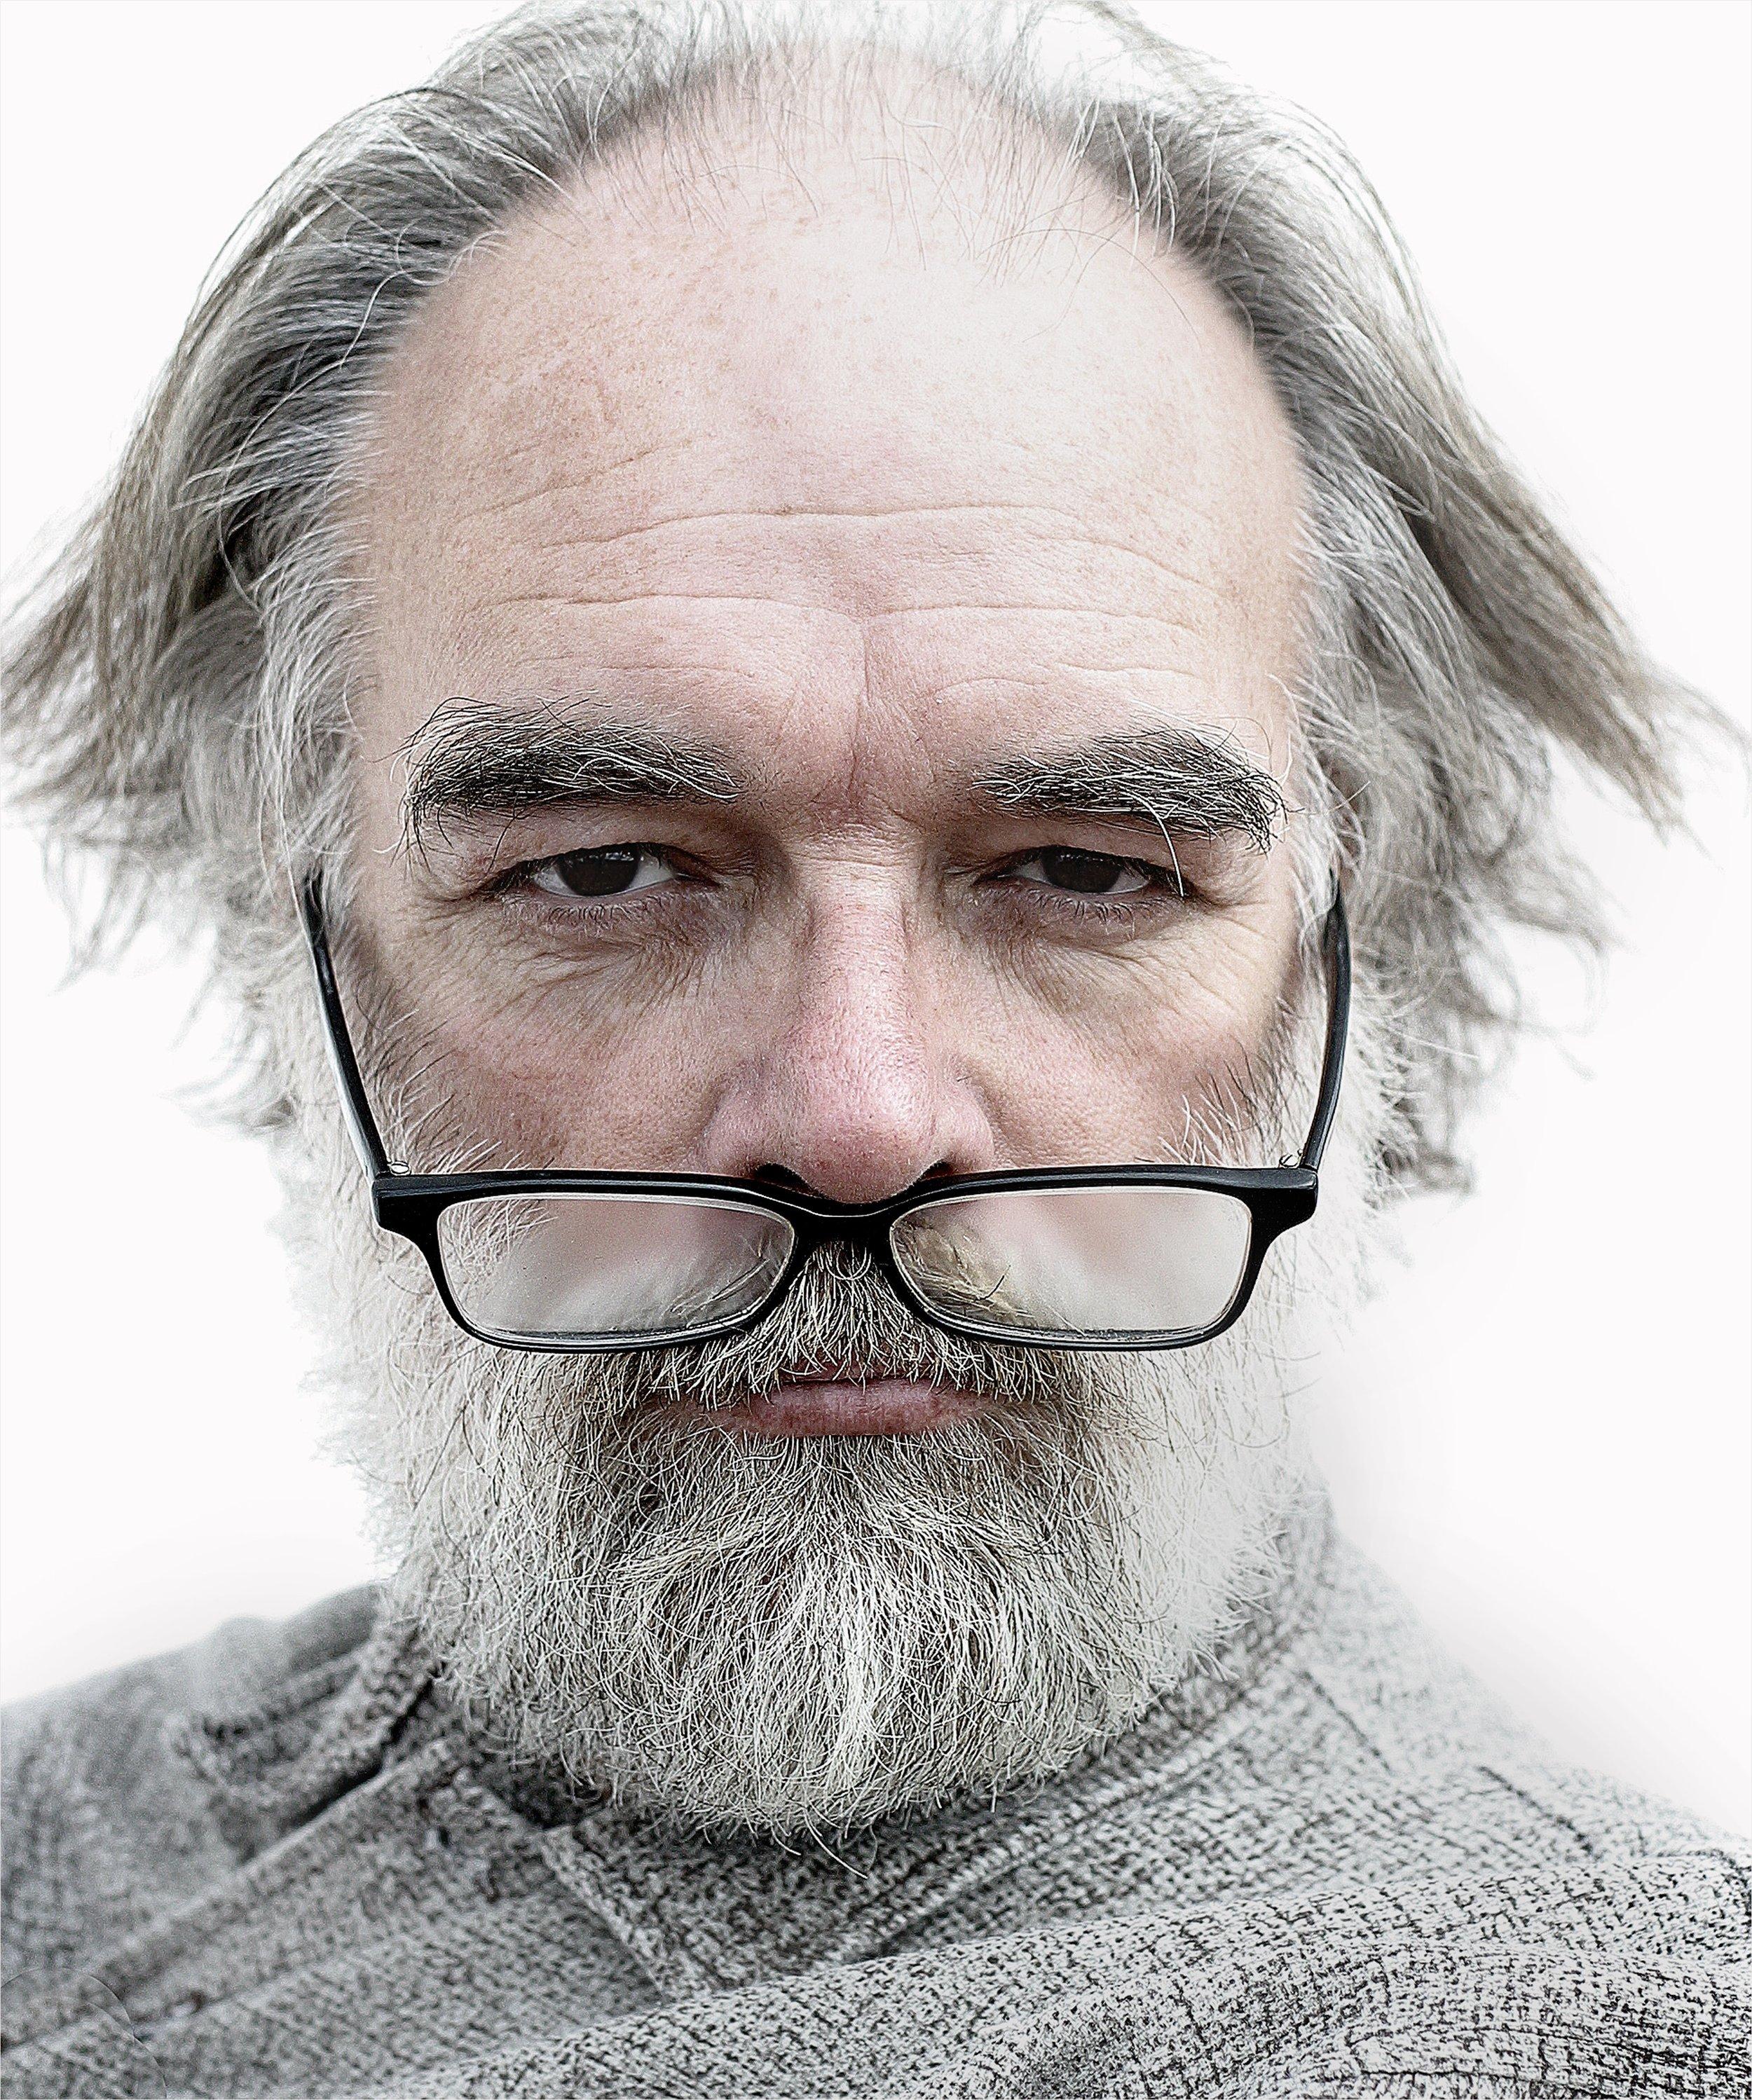 artist-elderly-glasses-25758.jpg